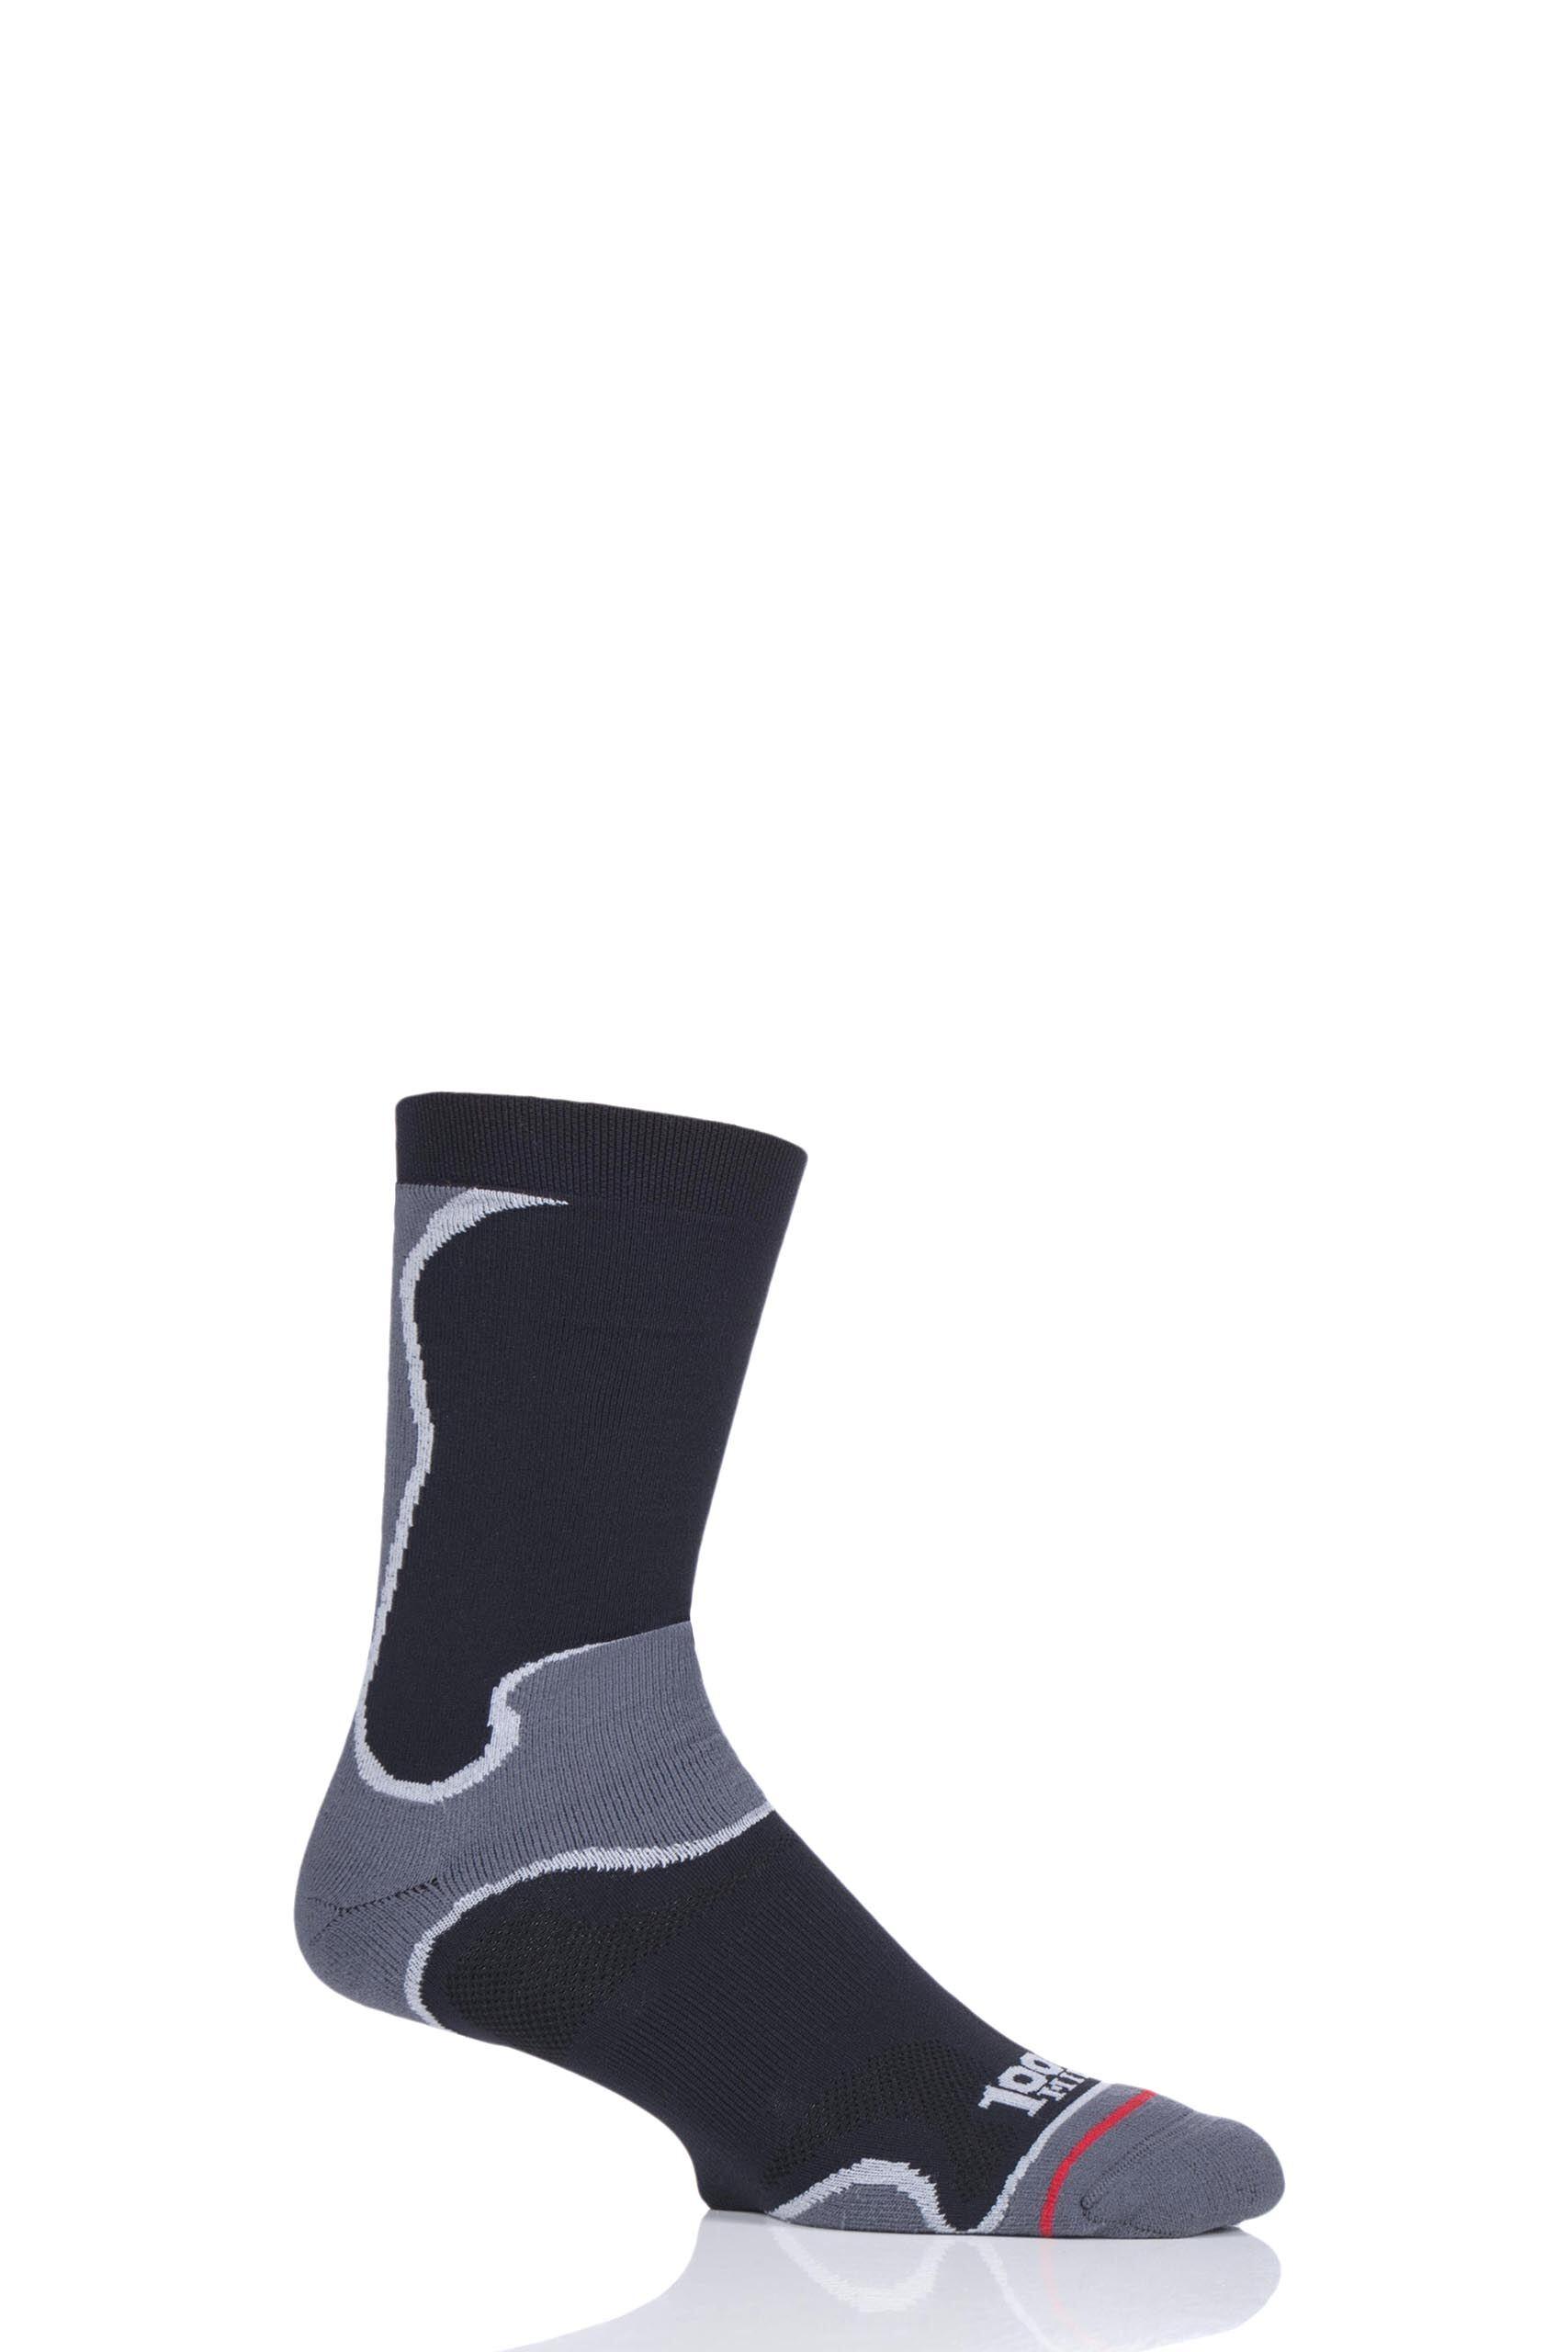 Image of 1 Pair Black Athletic Fusion Socks Unisex 6-8.5 Ladies - 1000 Mile